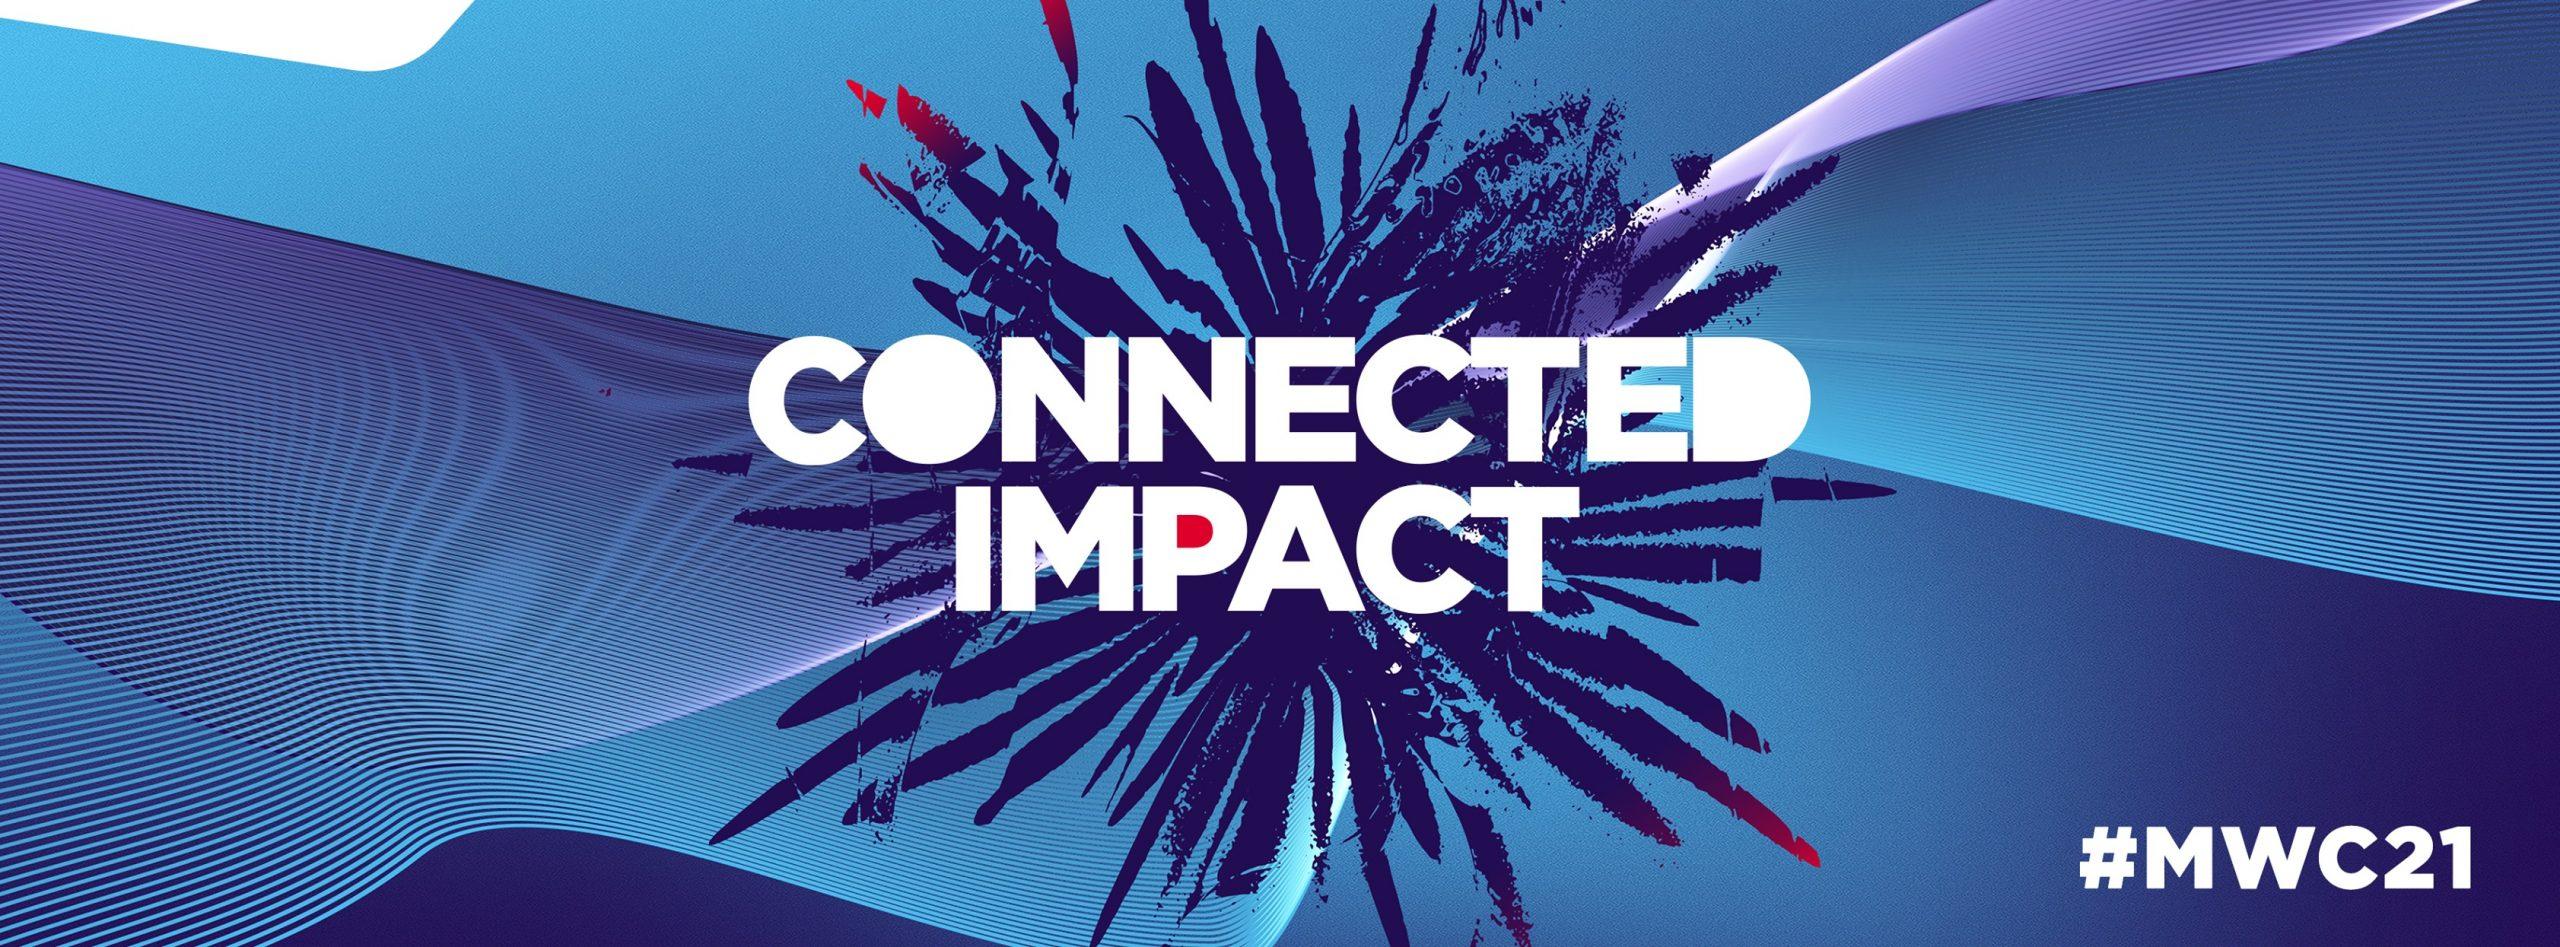 Самый важный конгресс в сфере телекоммуникаций Mobile World Congress снова в Барселоне